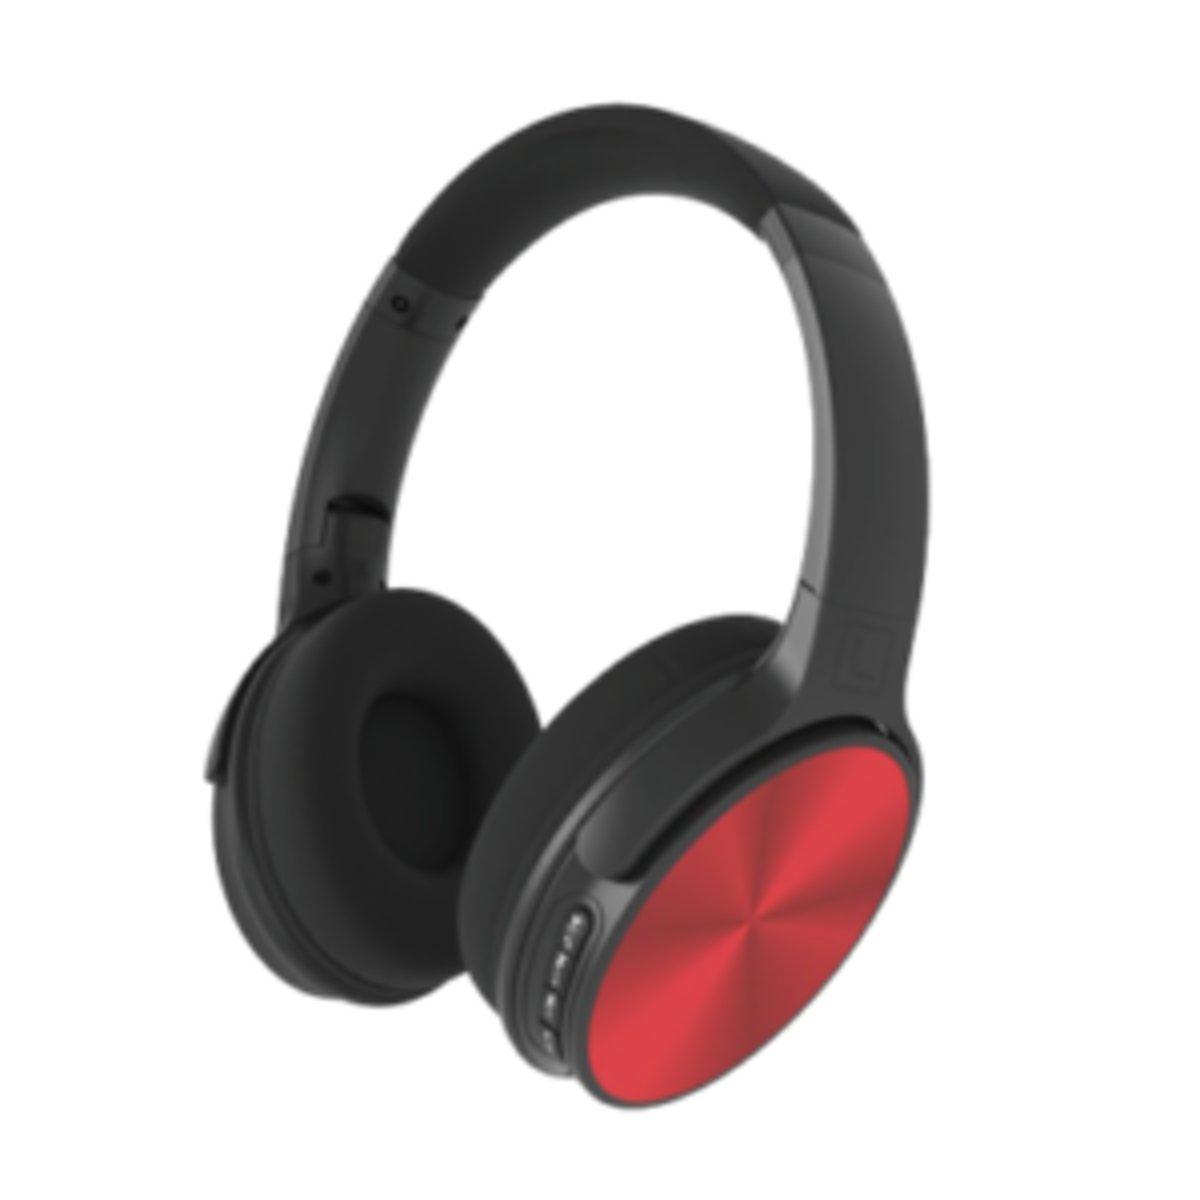 V-tac VT-6322 Bluetooth draadloze koptelefoon - draaibaar - rood